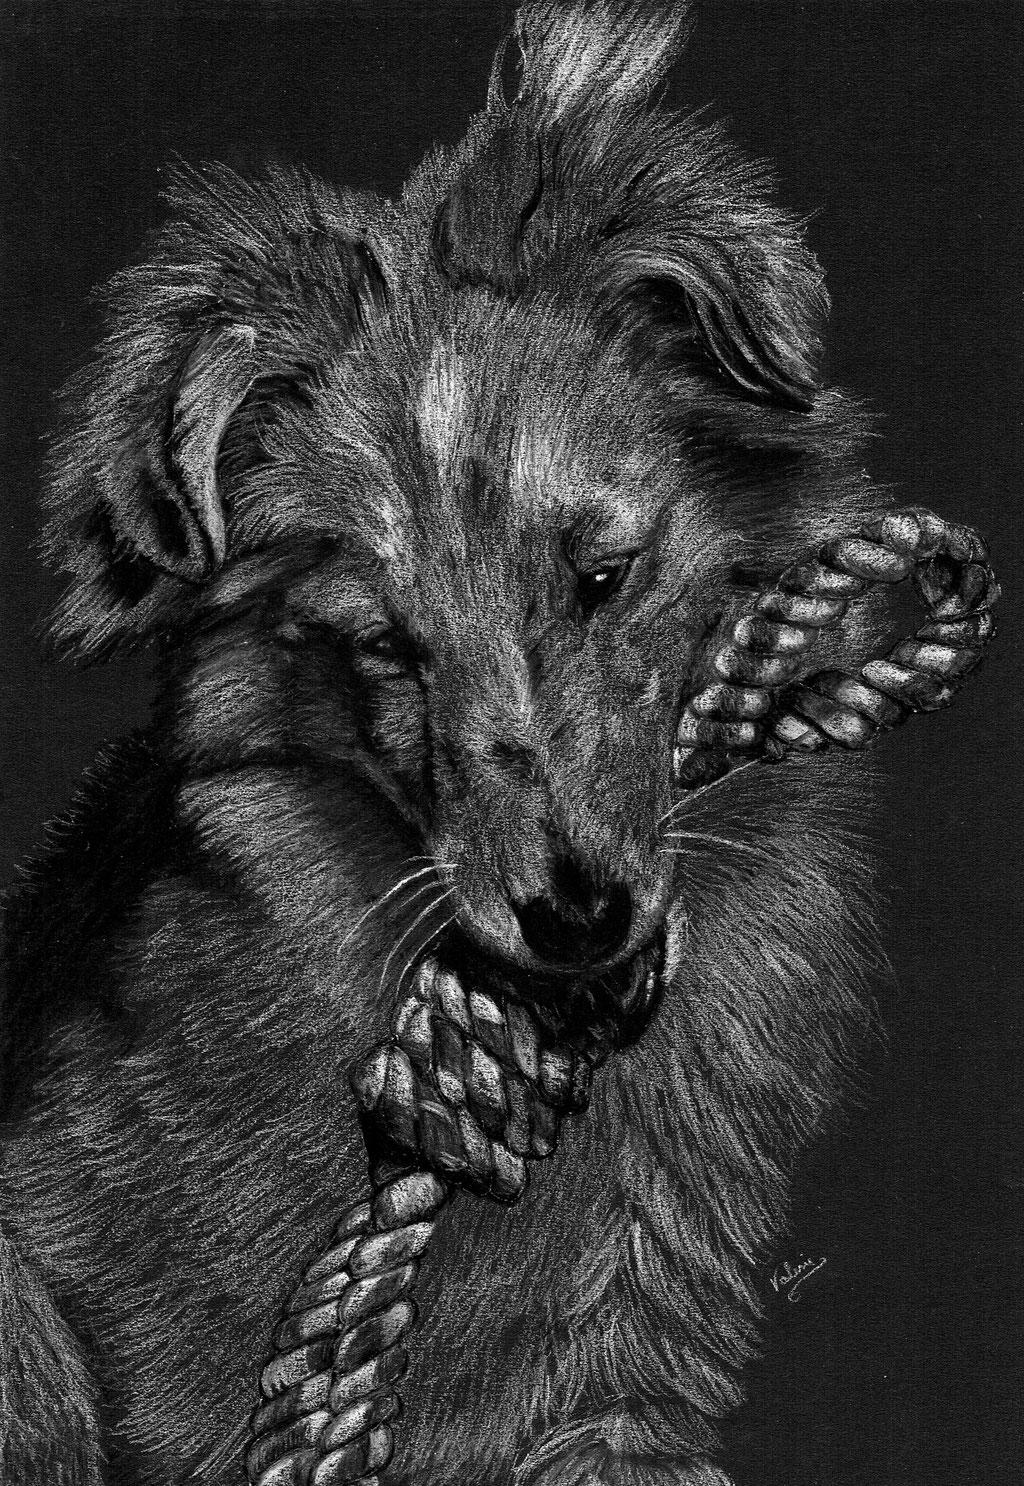 Dierenportret schotse collie met koord: Wit potlood en houtskool op zwart papier (2021)